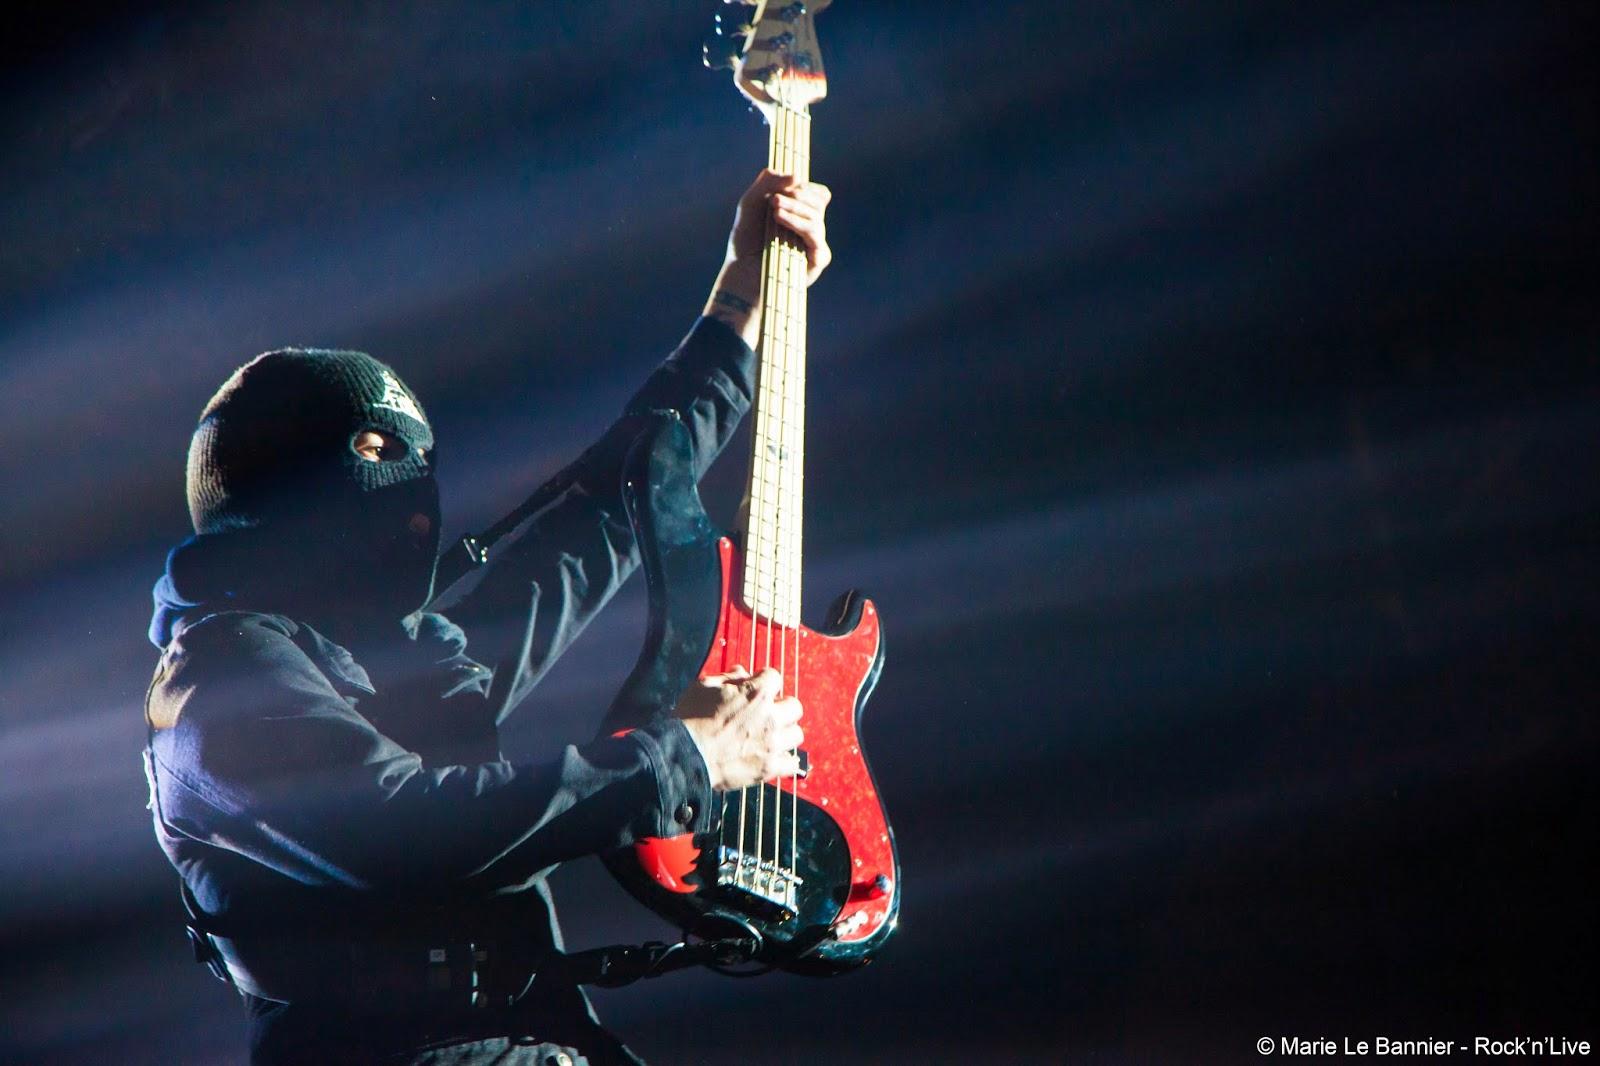 fall out boy zenith paris mars 2014 marie le bannier guillaume torrent rock'n'live patrick stump pete wentz Andy Hurley Joe Trohman save rock'n'roll tour